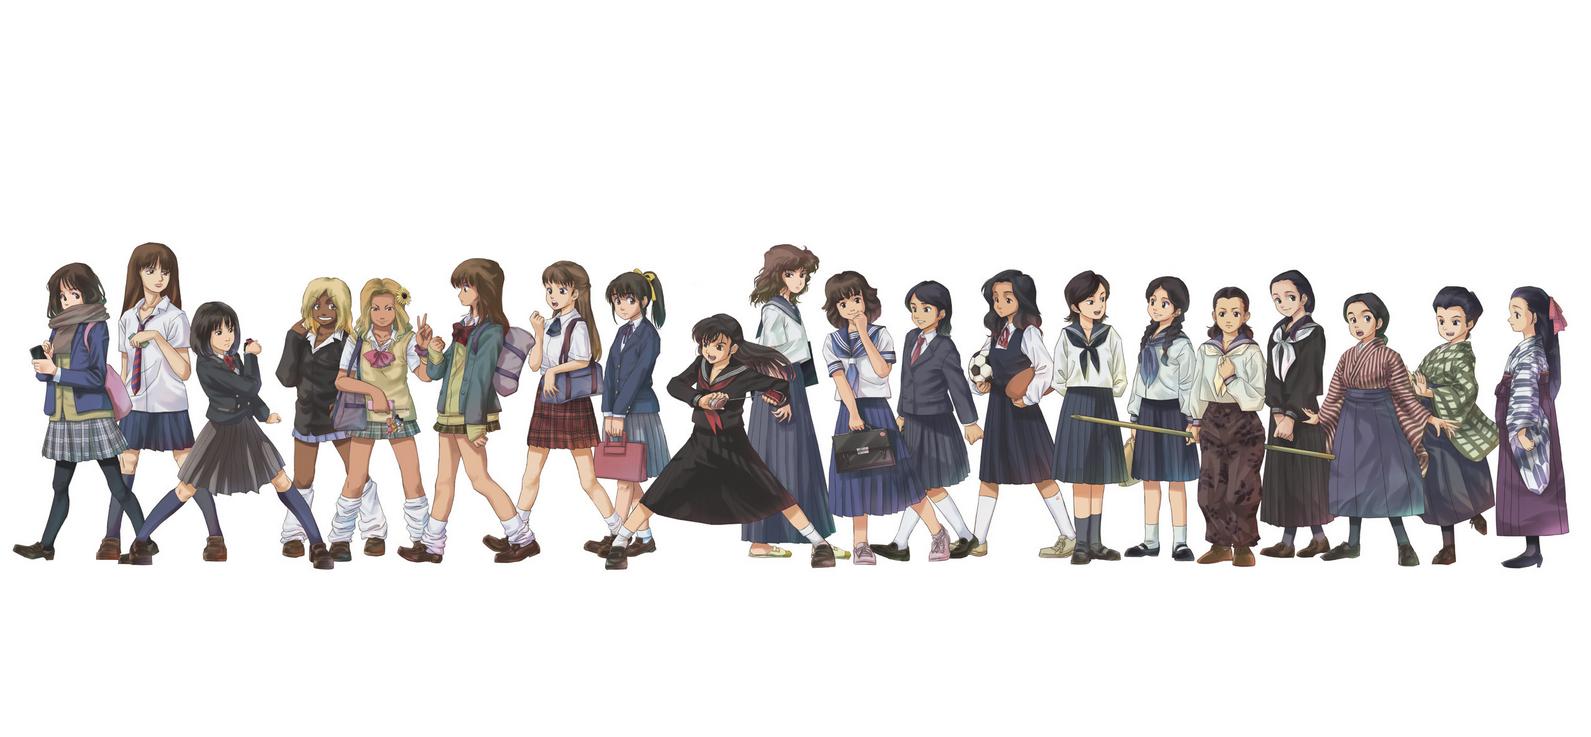 1870年代から現代まで☆女子高生制服の進化史!!